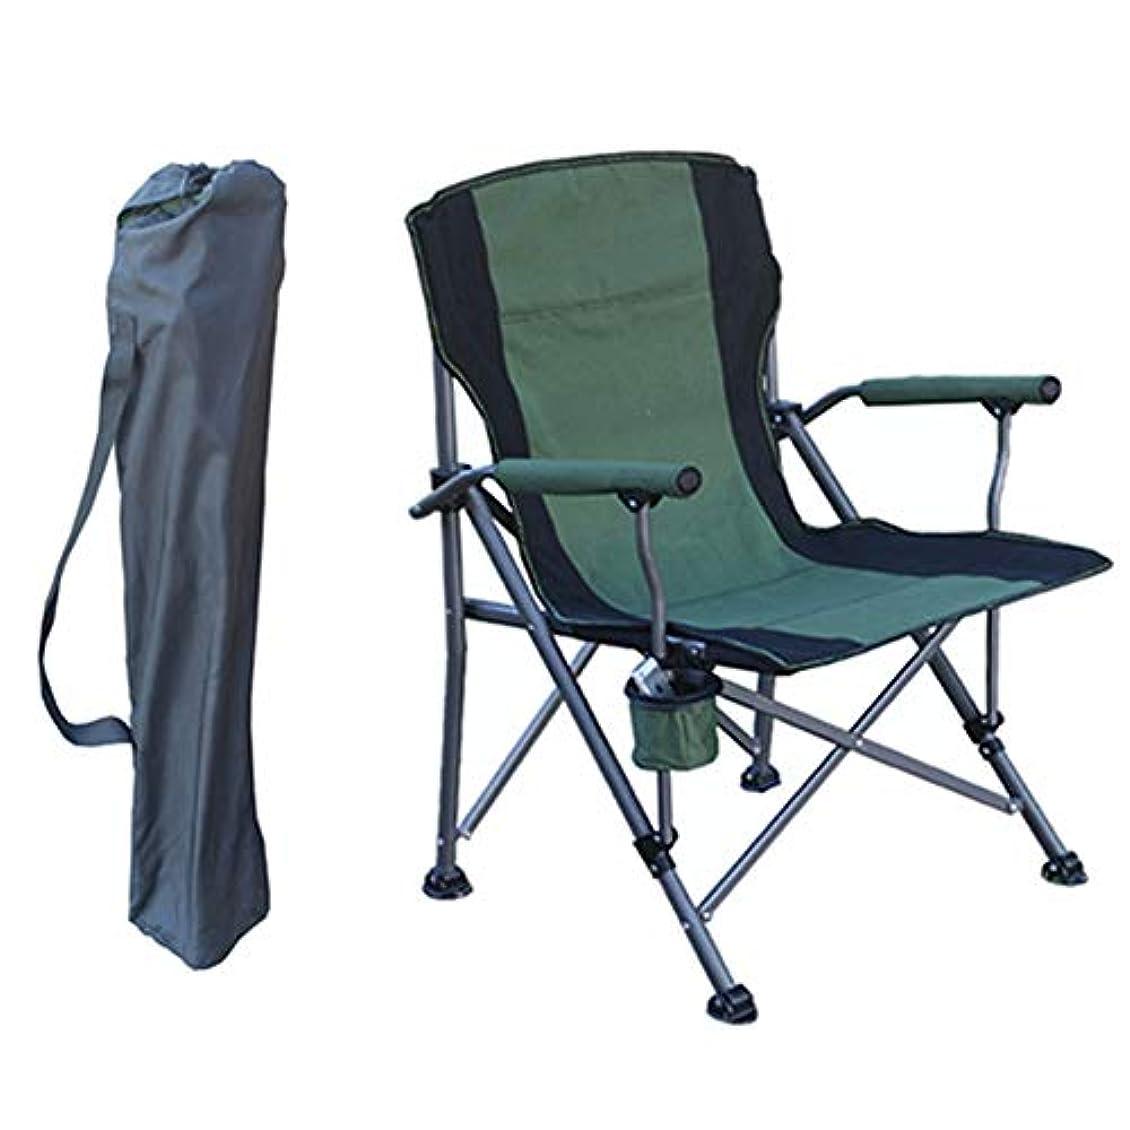 子供達カブフレームワーク携帯用キャンプチェアキャンプ、ビーチ、バックパッキング、アウトドアフェスティバルに最適コンパクト&キャリーバッグ付きオックスフォードクロス生地(重さ:300ポンド) - グリーン,A